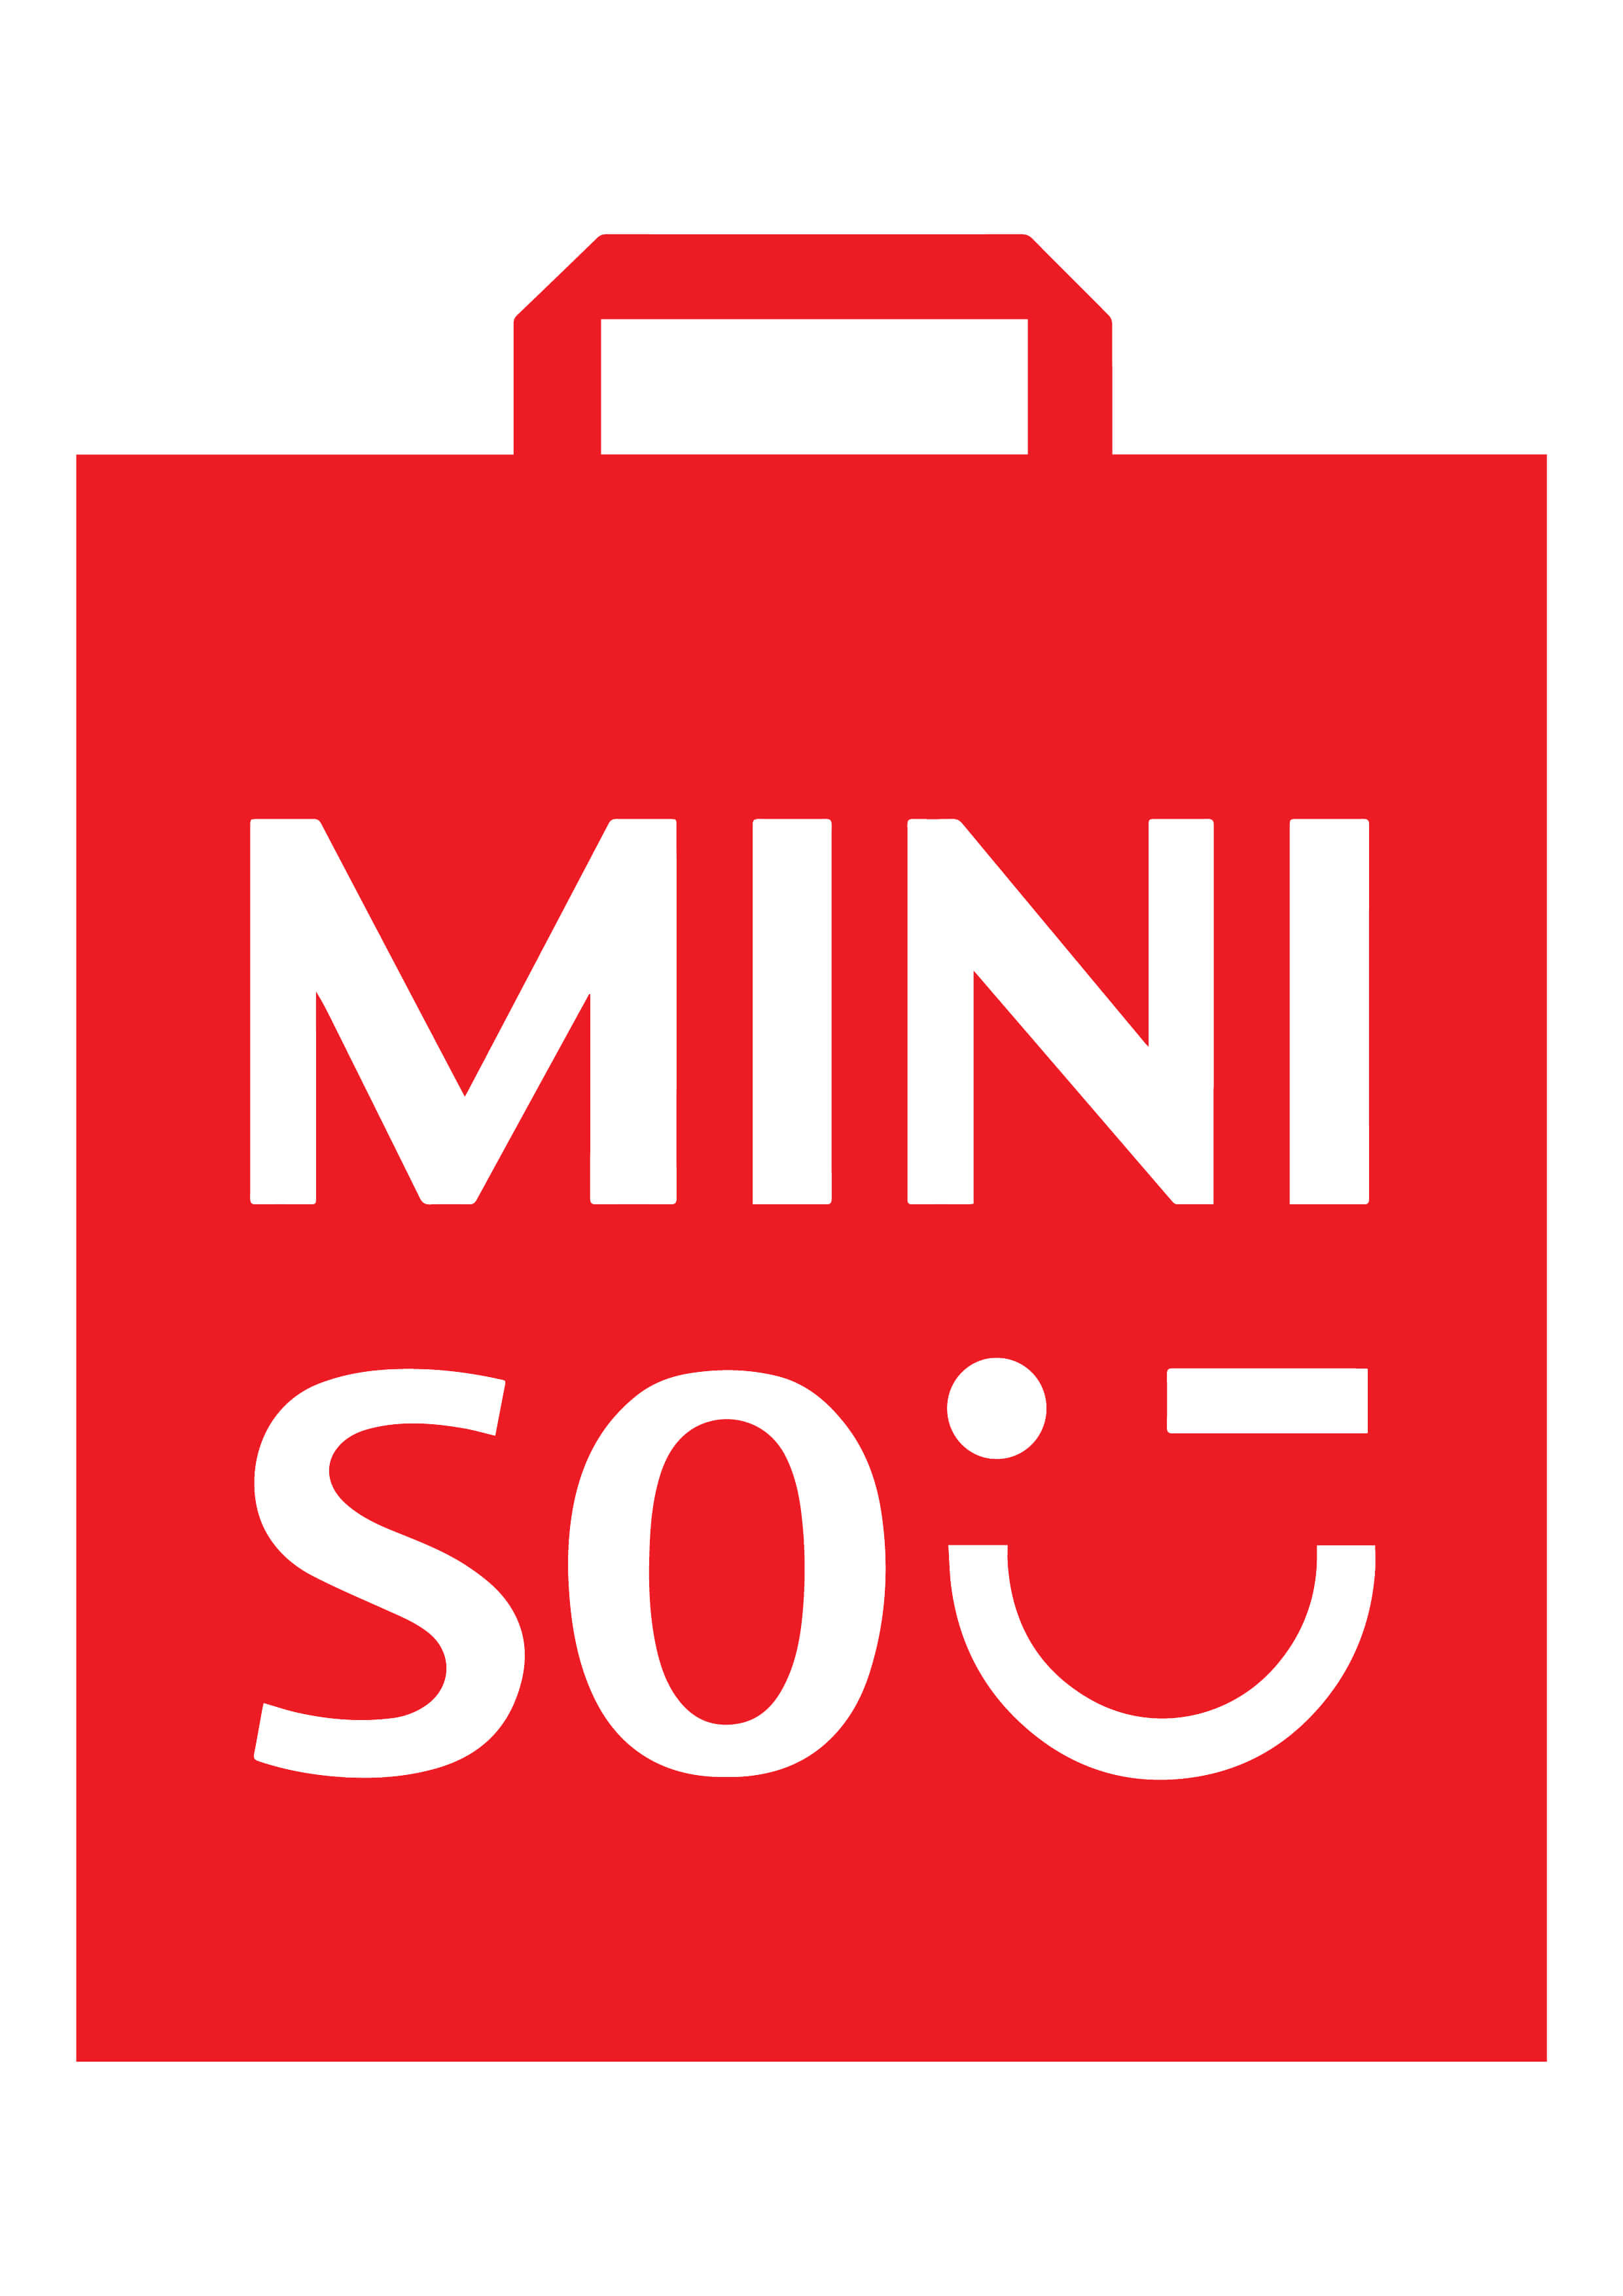 Miniso-น้ำหอม-ราคาไม่แรง-แต่กลิ่น-แพงมาก